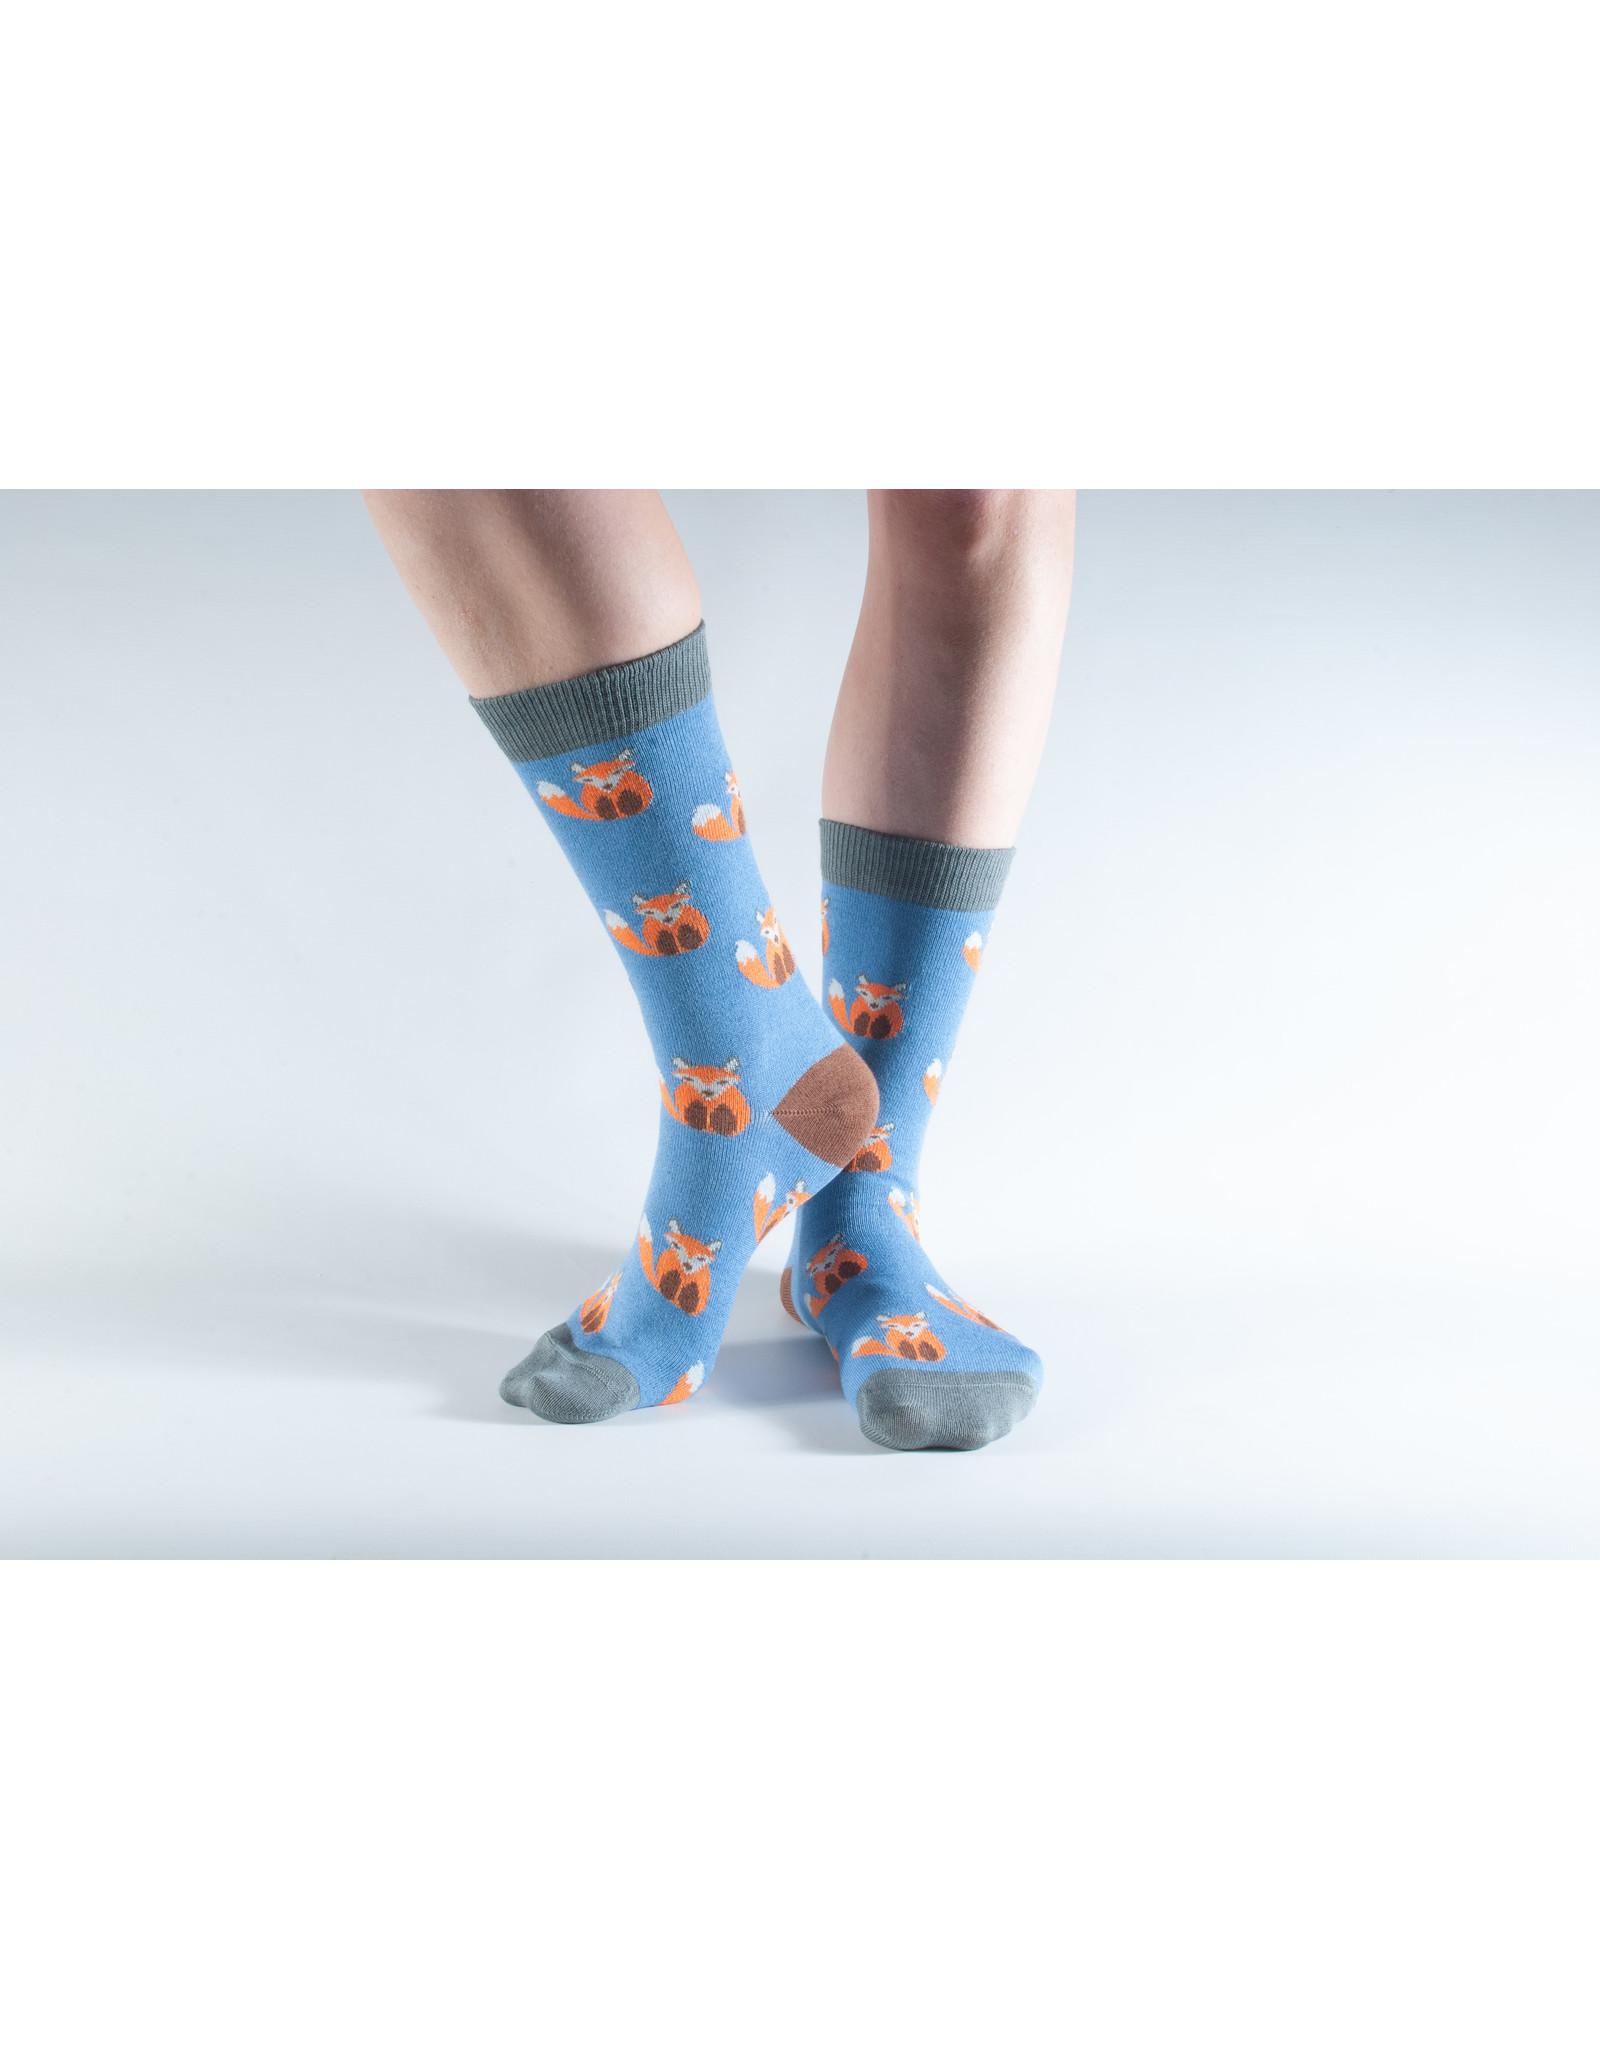 Doris & Dude Socks - foxes (36-40)